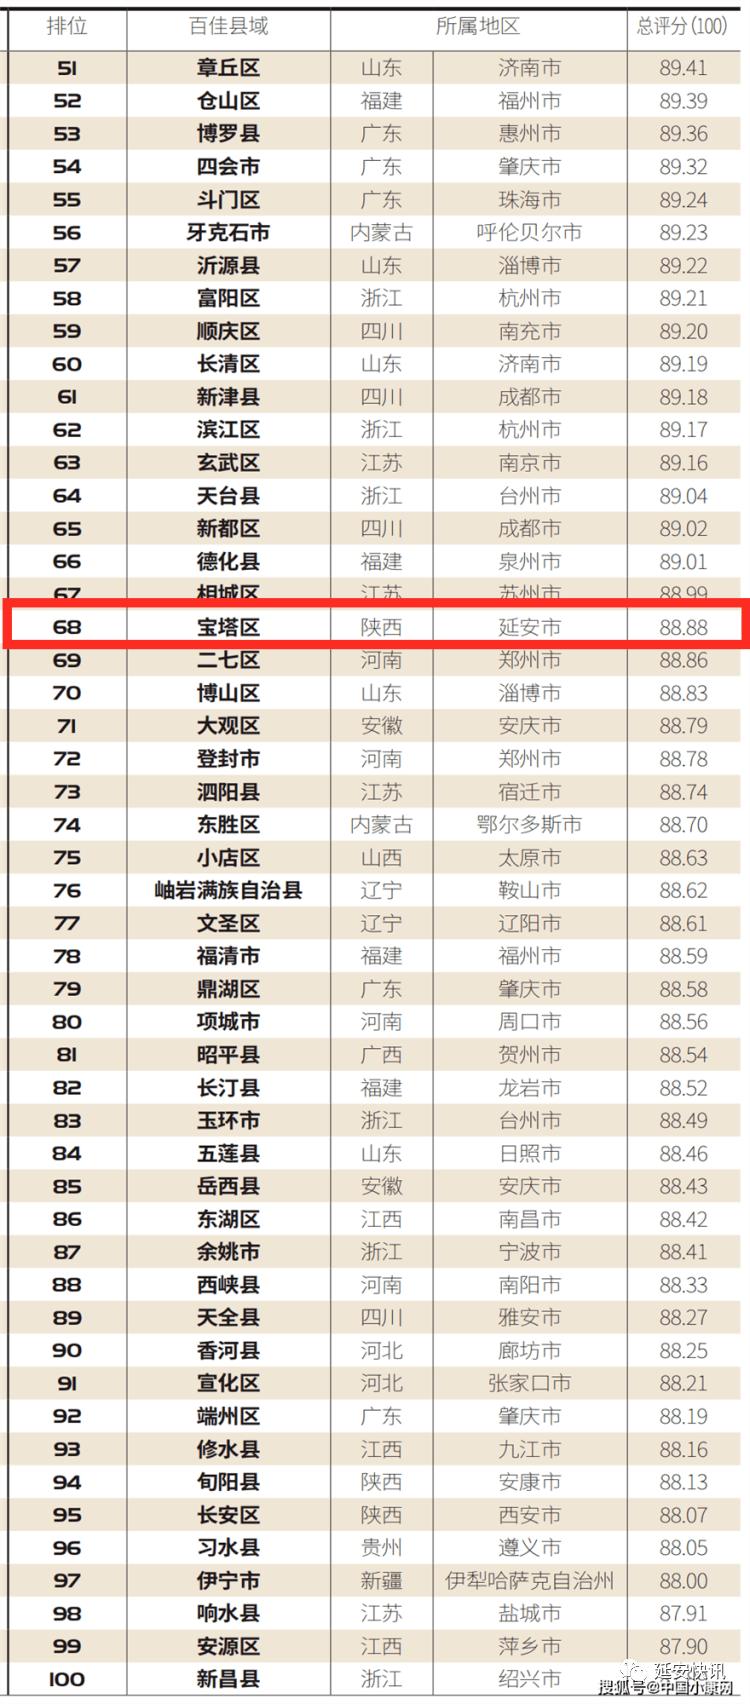 2020年宝塔区总人口_2020年日历图片